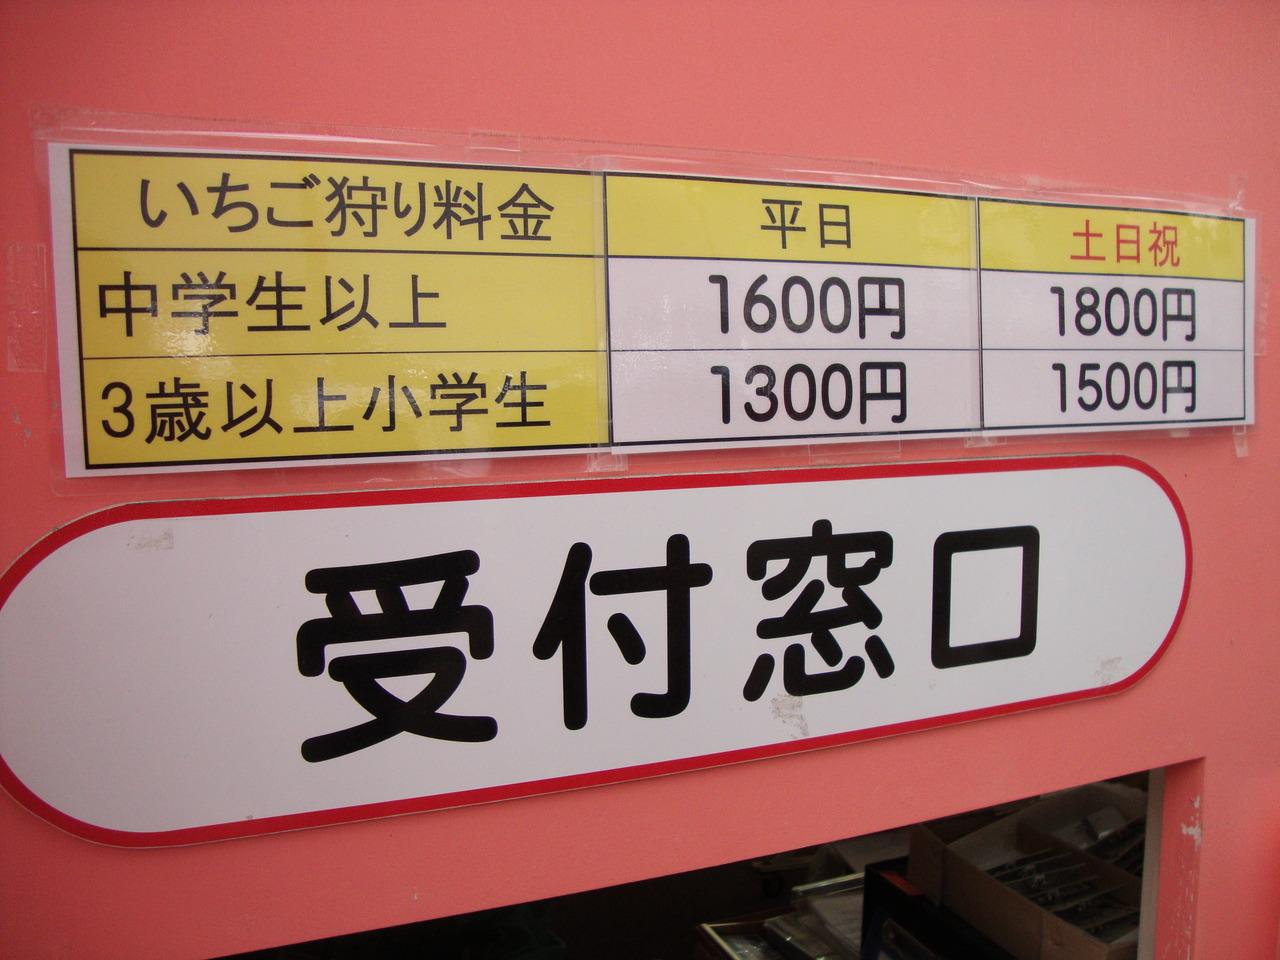 DSC07832 - コピー